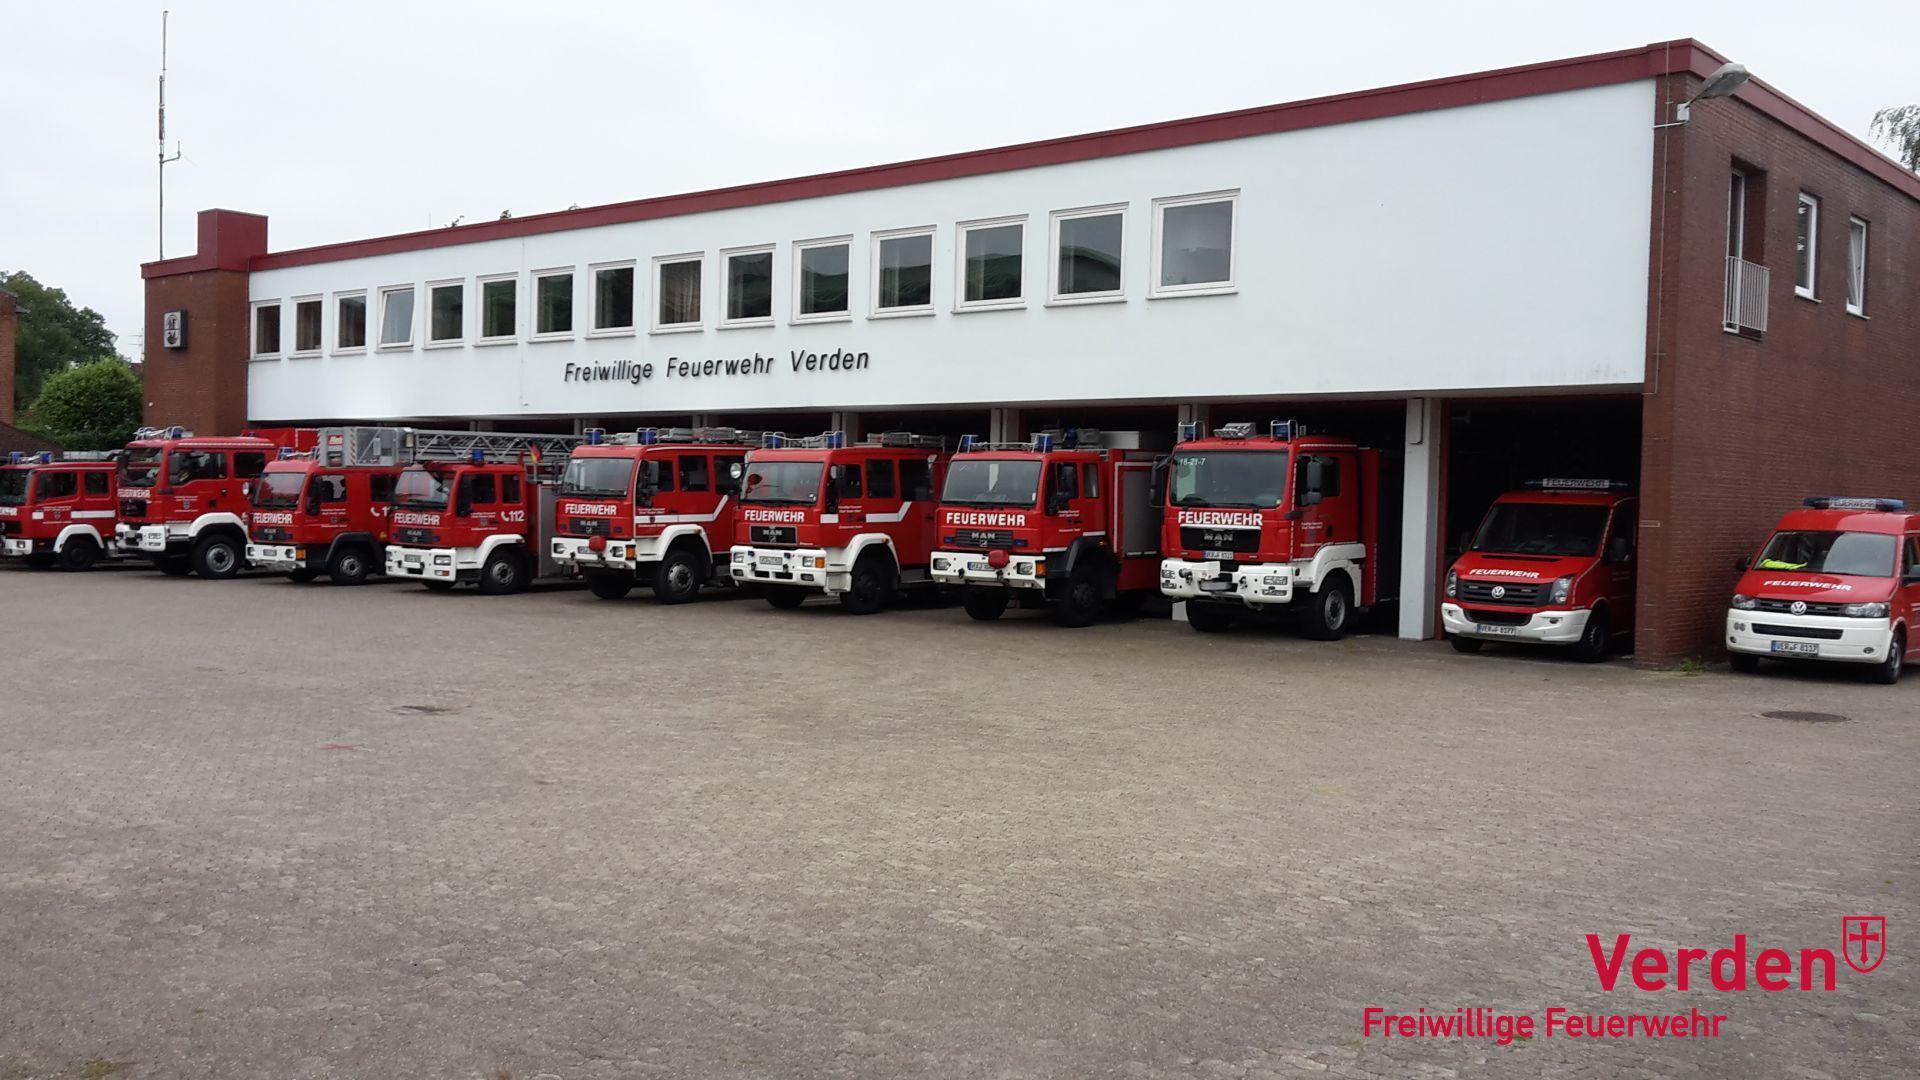 Das Feuerwehrhaus mit den Fahrzeugen.